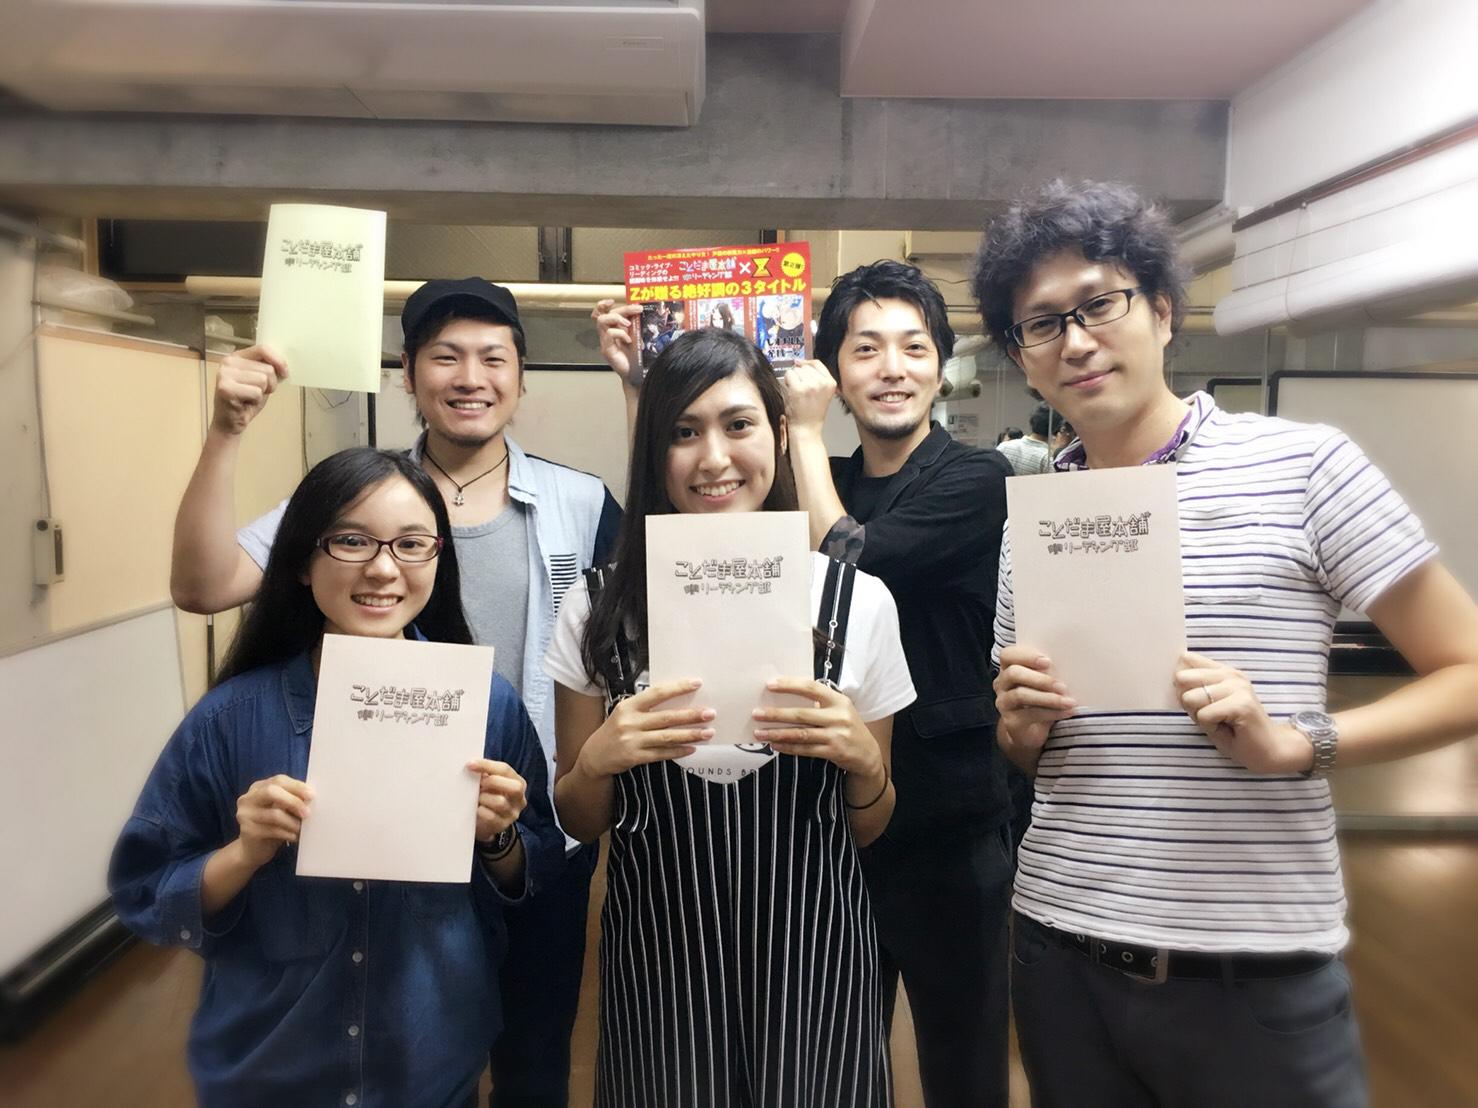 ことだま屋本舗の皆様と現役声優としても活動する稲村透講師、オーディション通過し本公演に参加した学院生2名の記念写真。皆さんの手元には台本が掲げられています。